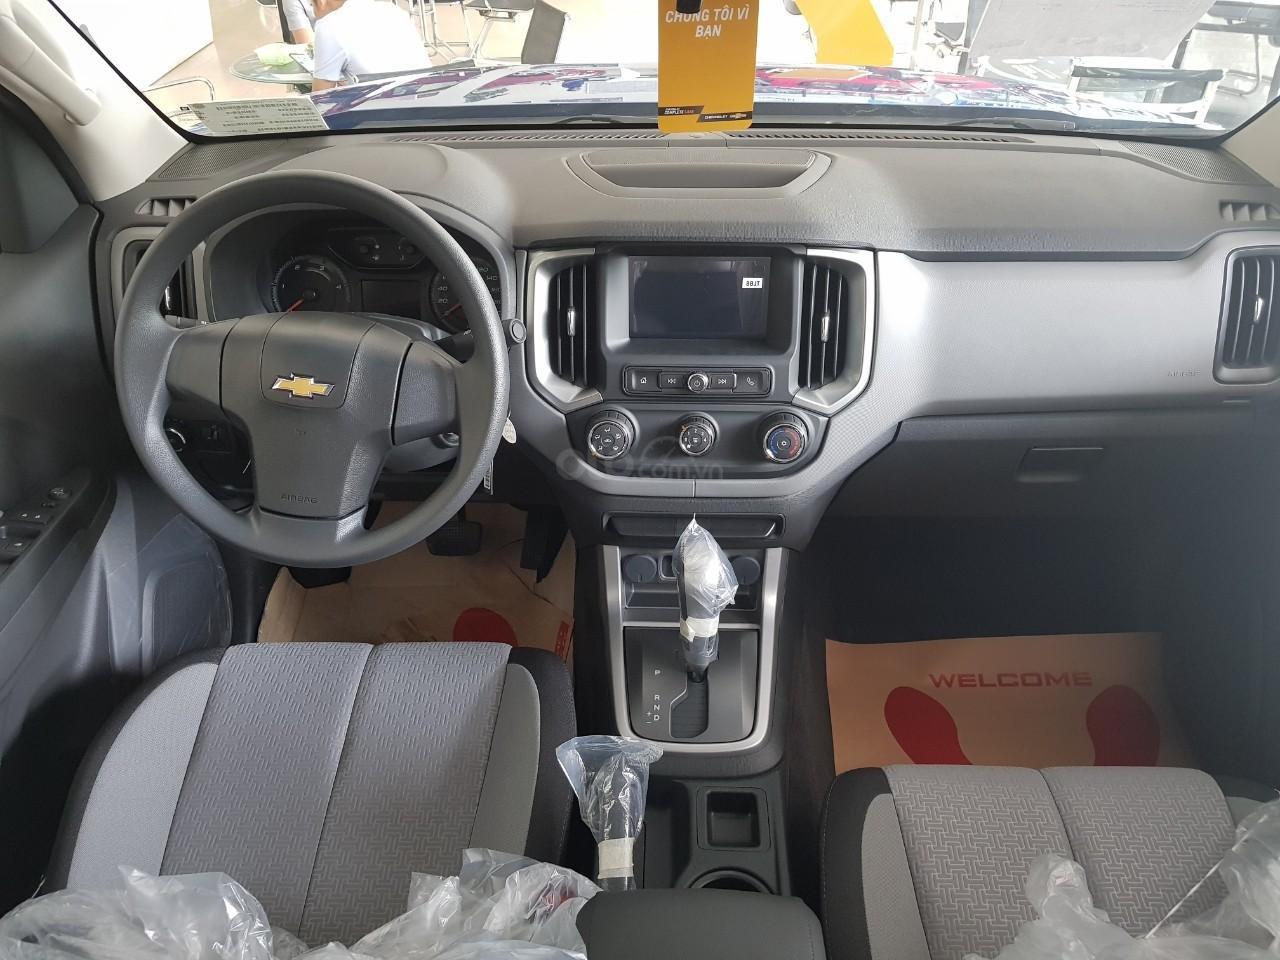 Xe bán tải Chevrolet Colorado MY19, xe nhập, giao ngay, ưu đãi sốc tháng 5-3